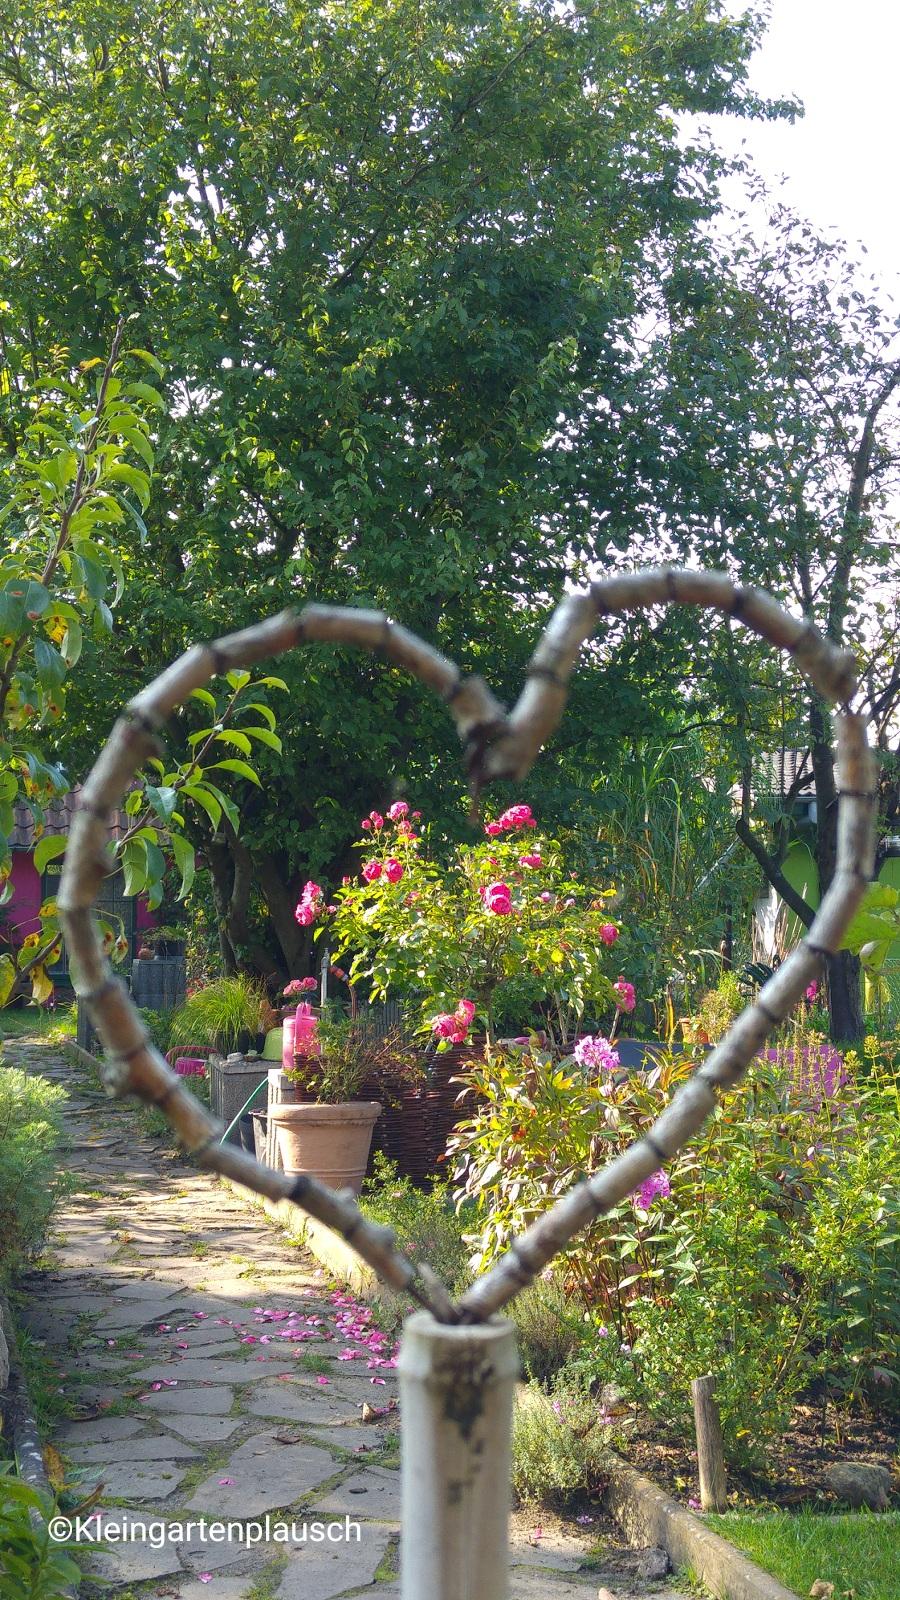 mein garten ist mein paradies ber 39 nzaungucker willkommen kleingartenplausch. Black Bedroom Furniture Sets. Home Design Ideas